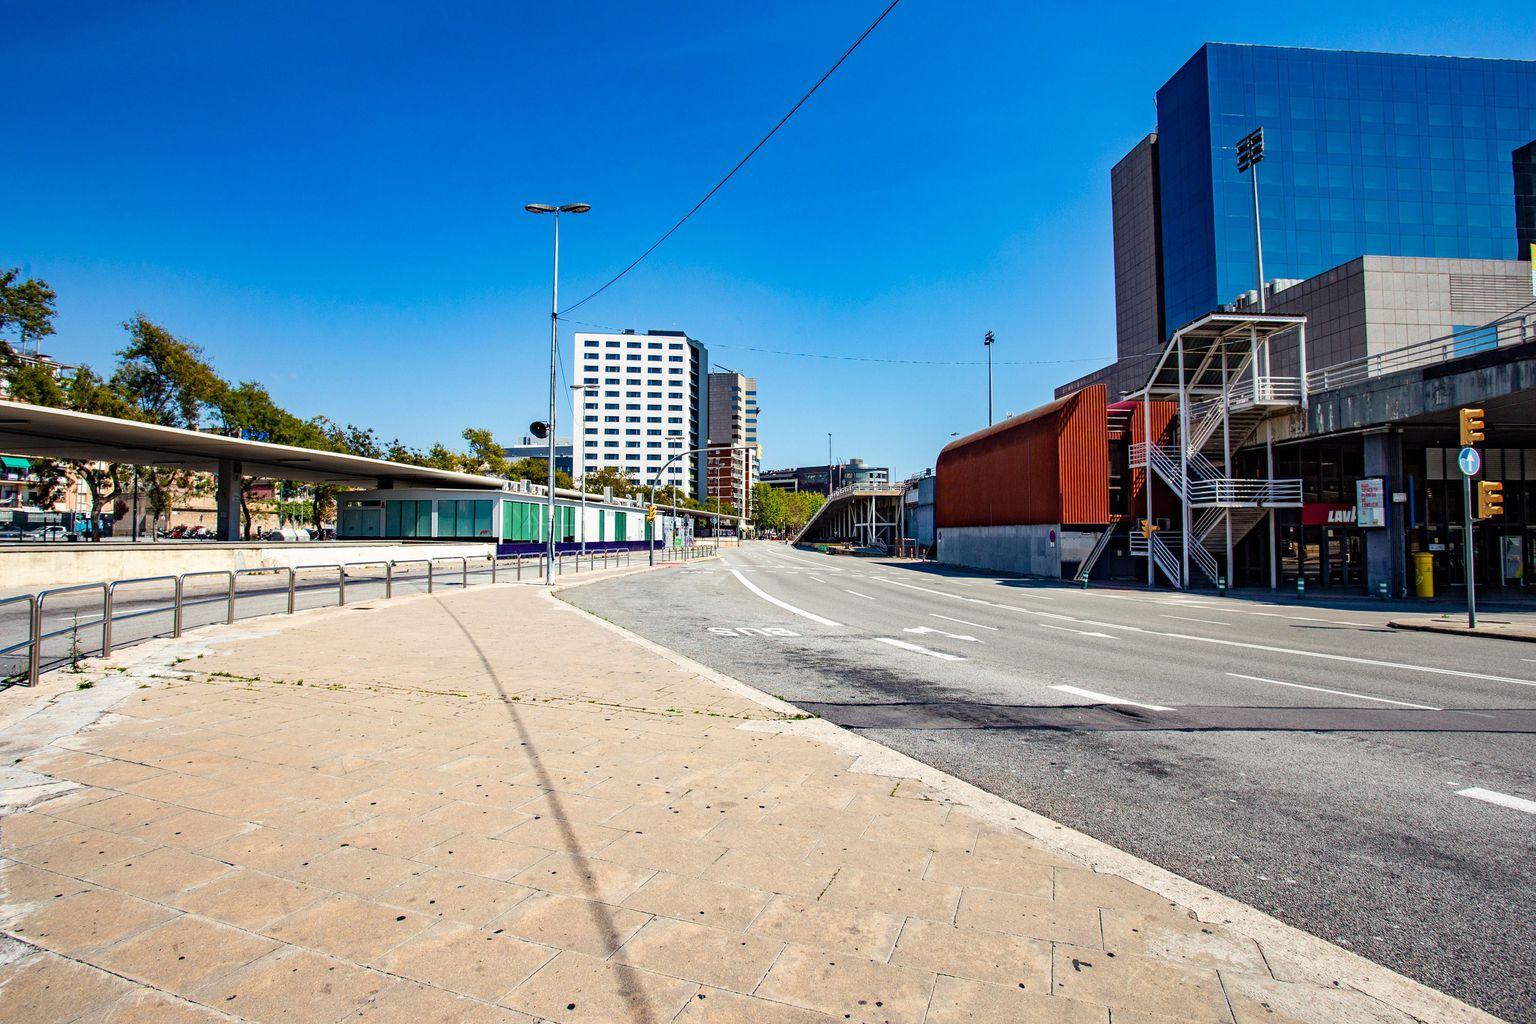 Estació d'autobusos de Sants Estació sense viatgers ni autobusos. Districte de Sants-Montjuïc. Barri de Sants.